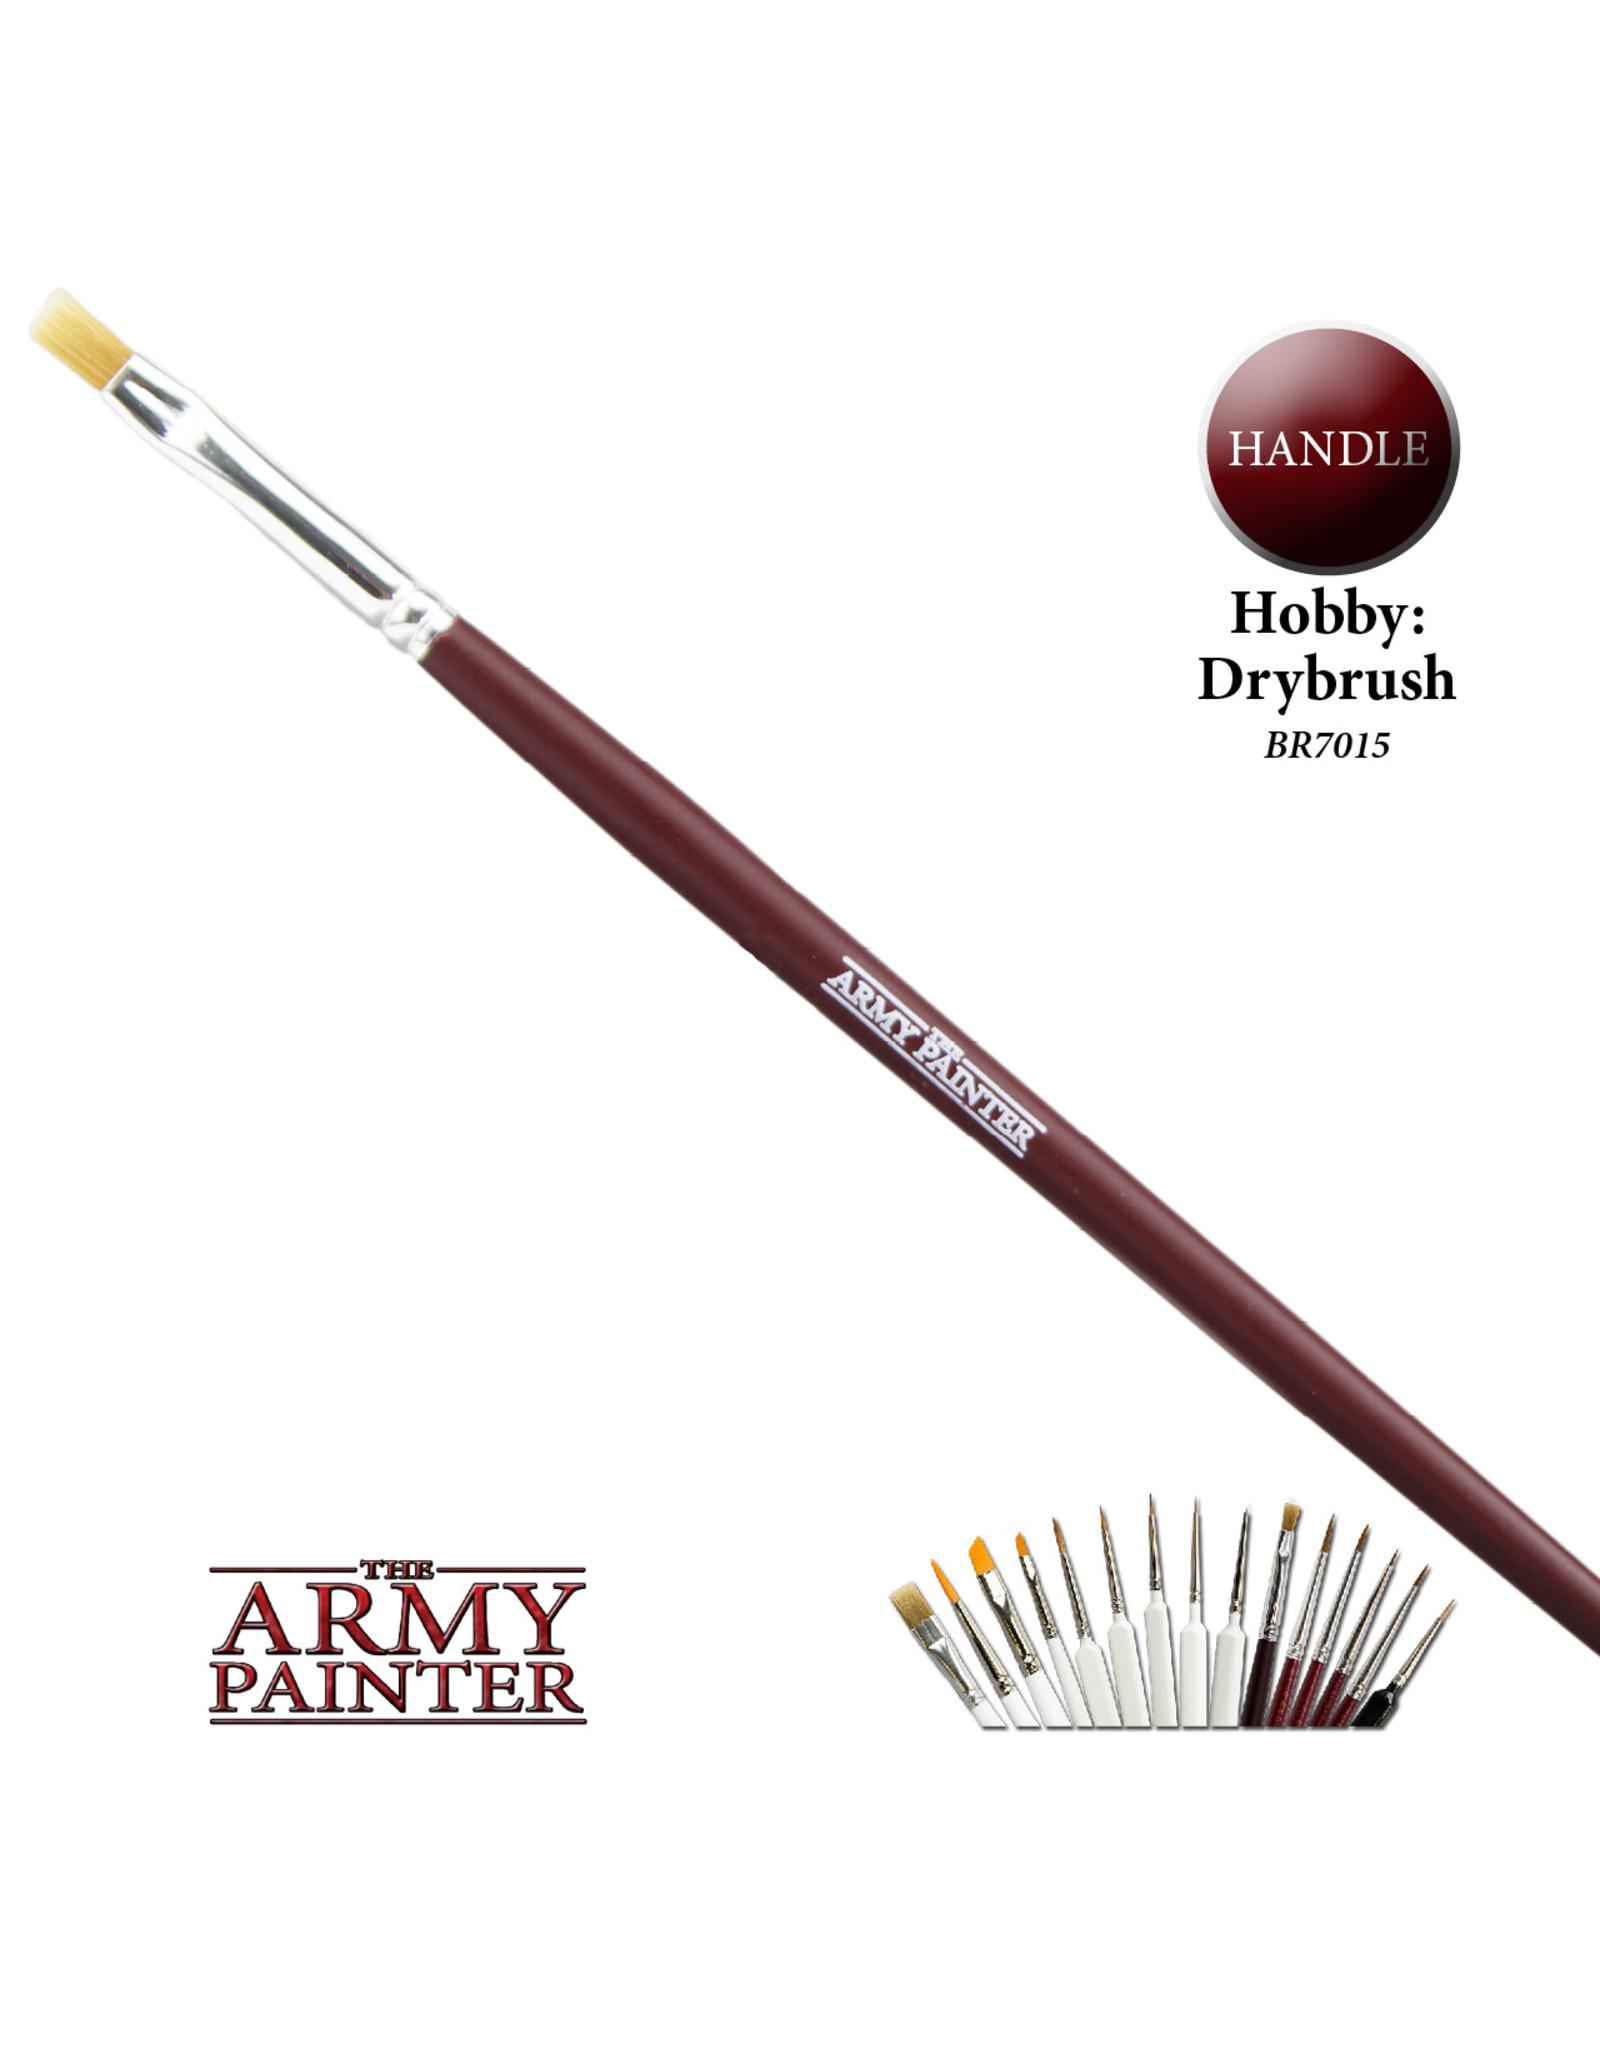 Army Painter Hobby Brush: Drybrush